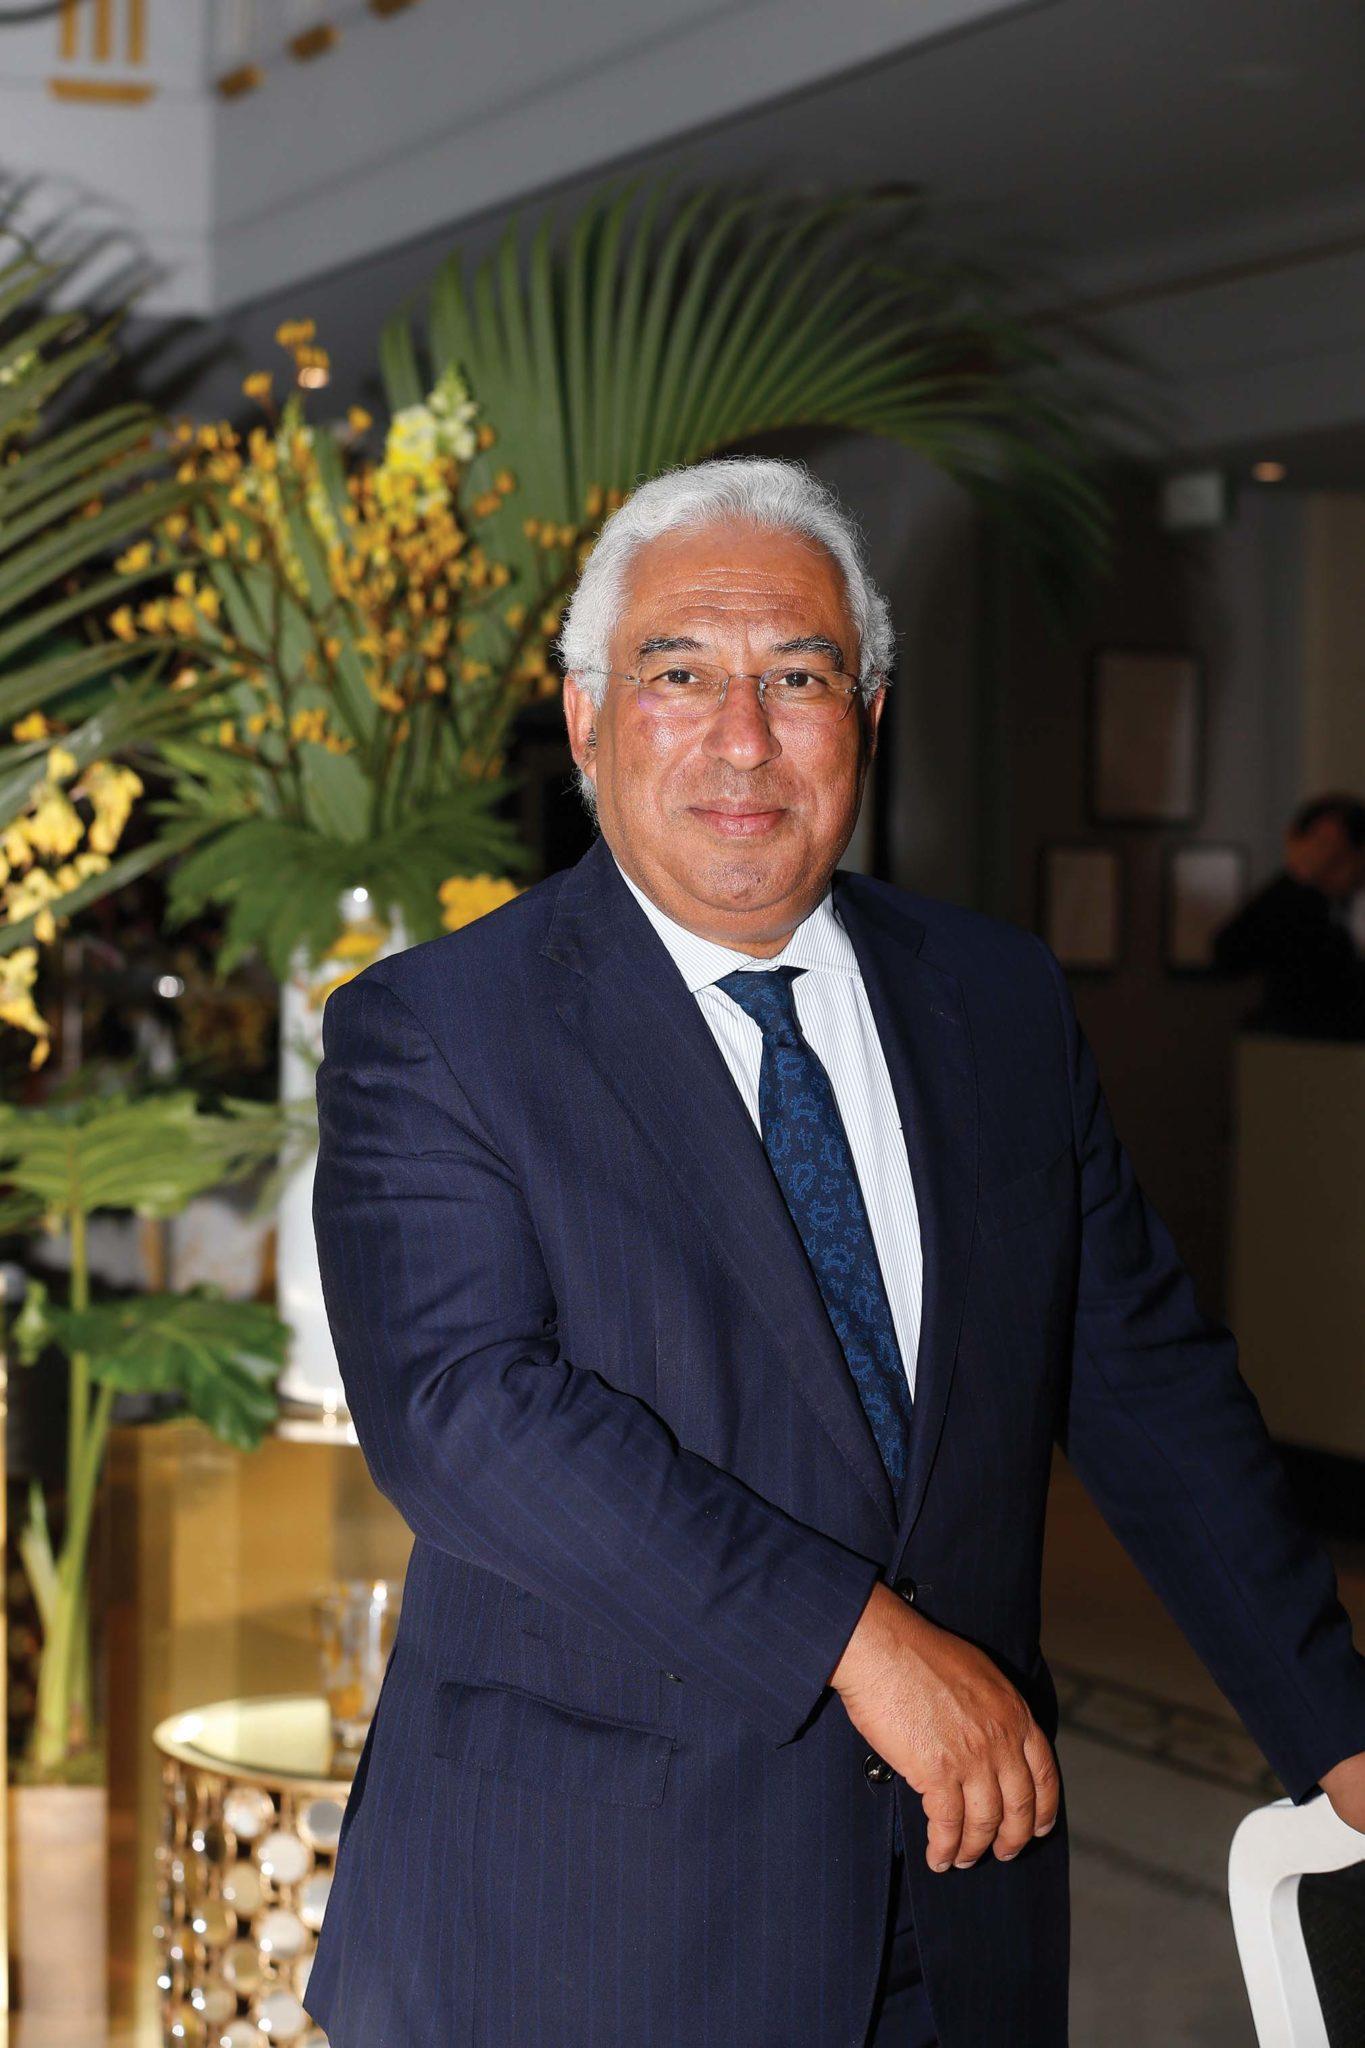 Entrevista exclusiva ao LusoJornal, Primeiro Ministro António Costa